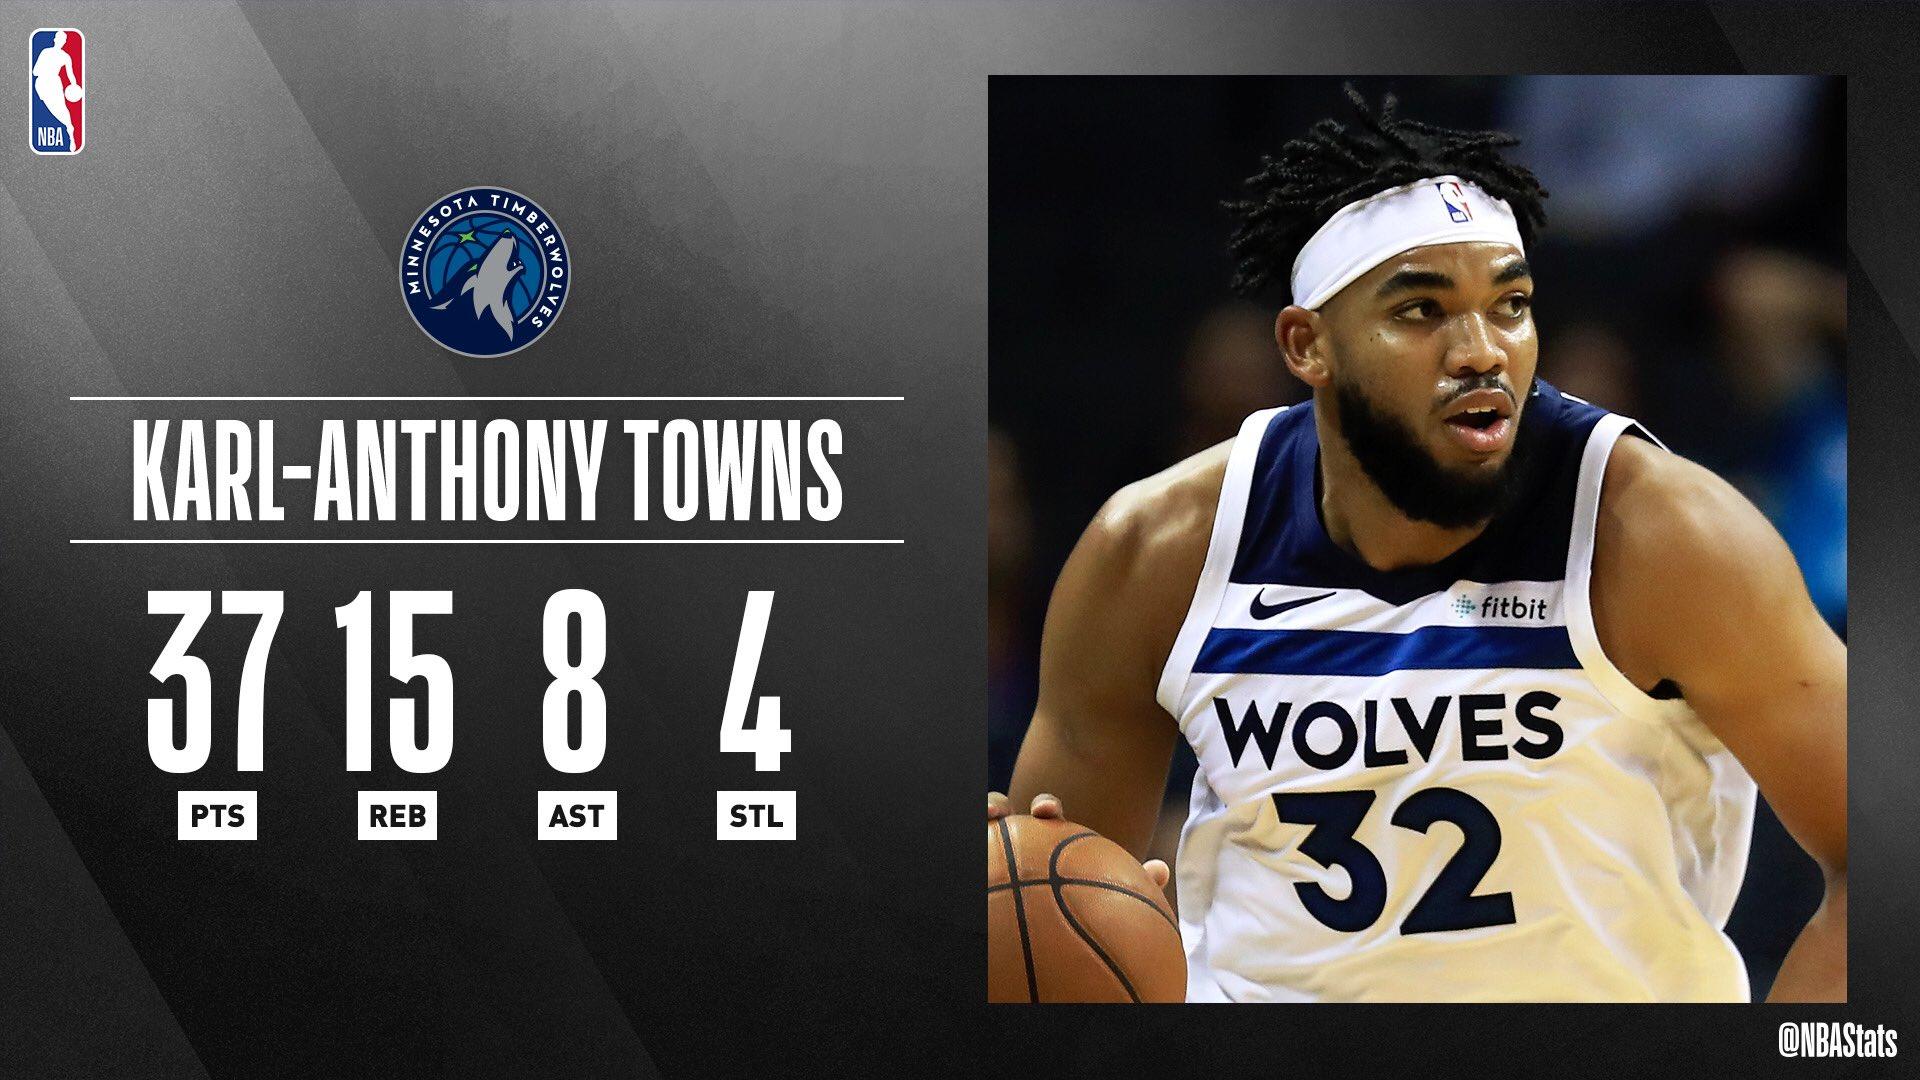 唐斯NBA,最强NBA唐斯,球员唐斯